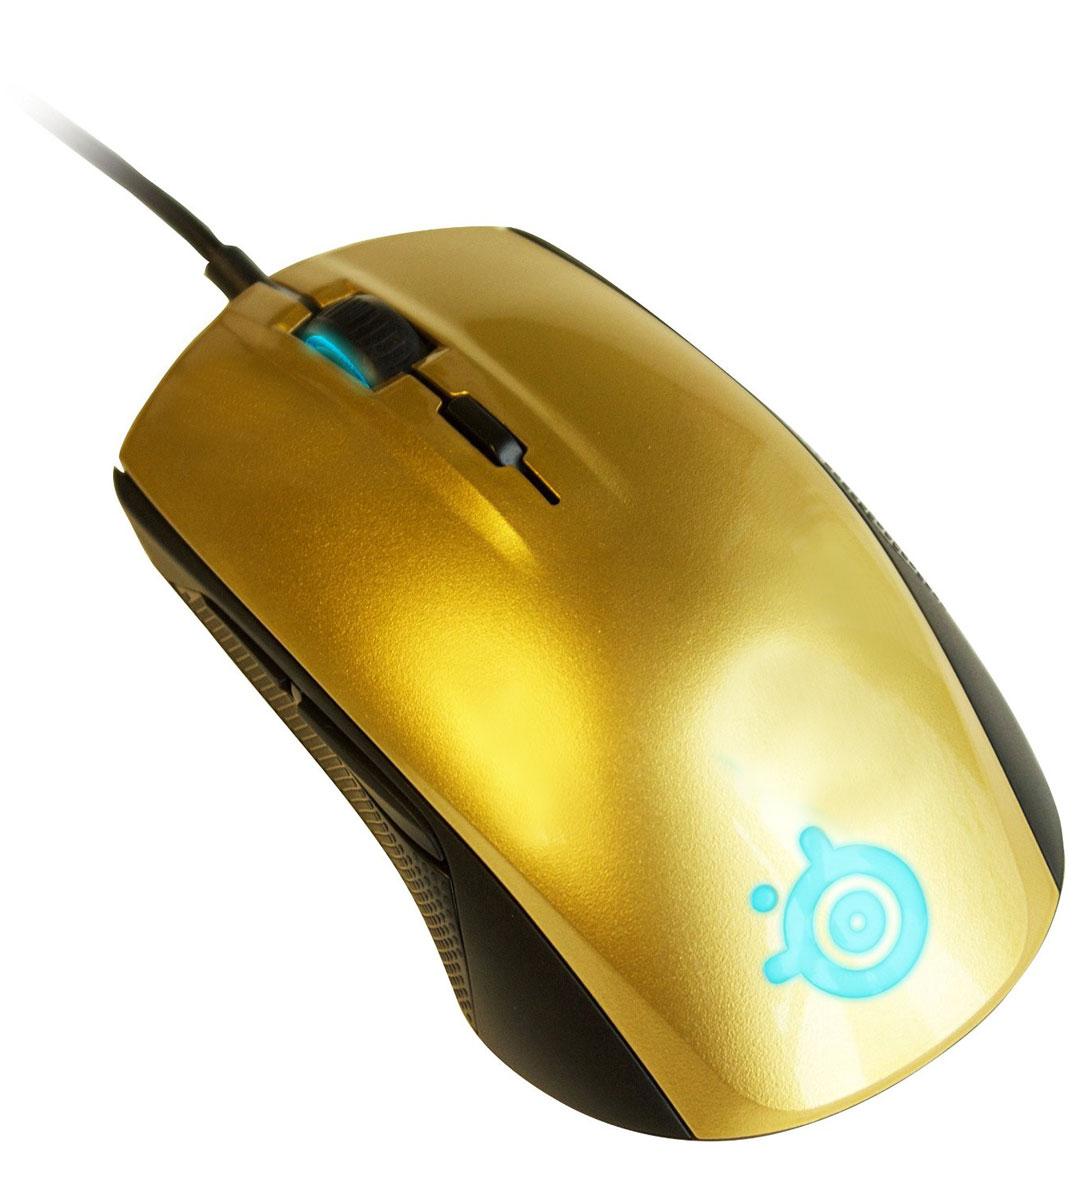 SteelSeries Rival 100, Alchemy Gold игровая мышь62336Оптическая игровая мышь SteelSeries Rival 100 обеспечит непревзойденную производительность. Не важно, это ваша первая игровая мышь, или вы давно занимаете верхние места в турнирах - SteelSeries Rival 100 вам подойдет. Полноцветная подсветка Prism, шесть кнопок, эргономический дизайн и производительность - разработчики не пожертвовали ничем. Rival 100 - единственная полностью оборудованная мышь своего класса.Профессиональные игроки в каком-то смысле зависят от точности их устройств, чтобы добиваться невероятных результатов. По их словам, мышь SteelSeries Rival 100 отвечает самым строгим требованиям. Модель создавалась в тесном сотрудничестве с киберспортсменами. Компания SteelSeries совместно с компанией PixArt создали лучший оптический сенсор 3059-SS с 8 шагами настройки CPI до 4000, показателем 143 IPS и ускорением до 20g. Результатом стало устройство, отслеживающее движения с точностью 1:1. В отличие от мышей, которые жертвуют качеством отслеживания в пользу меньшей высоты отрыва, Rival 100 предлагает только лучшие результаты.Нулевое аппаратное ускорение - это означает, что, независимо от скорости движения, курсор всегда будет двигаться без ускорения, регистрируя расстояние одинаково.С помощью программы SteelSeries Engine, игроки могут осуществлять полную настройку производительности SteelSeries Rival 100. Программируйте все 6 кнопок, устанавливайте чувствительность, настраивайте подсветку 16 с миллионами оттенков, создавайте личные конфигурации для любимых игры; они запустятся автоматически при запуске игры. Приложение GameSense поможет вам сделать настройки подсветки, чтобы она сразу отражала действия в игре.